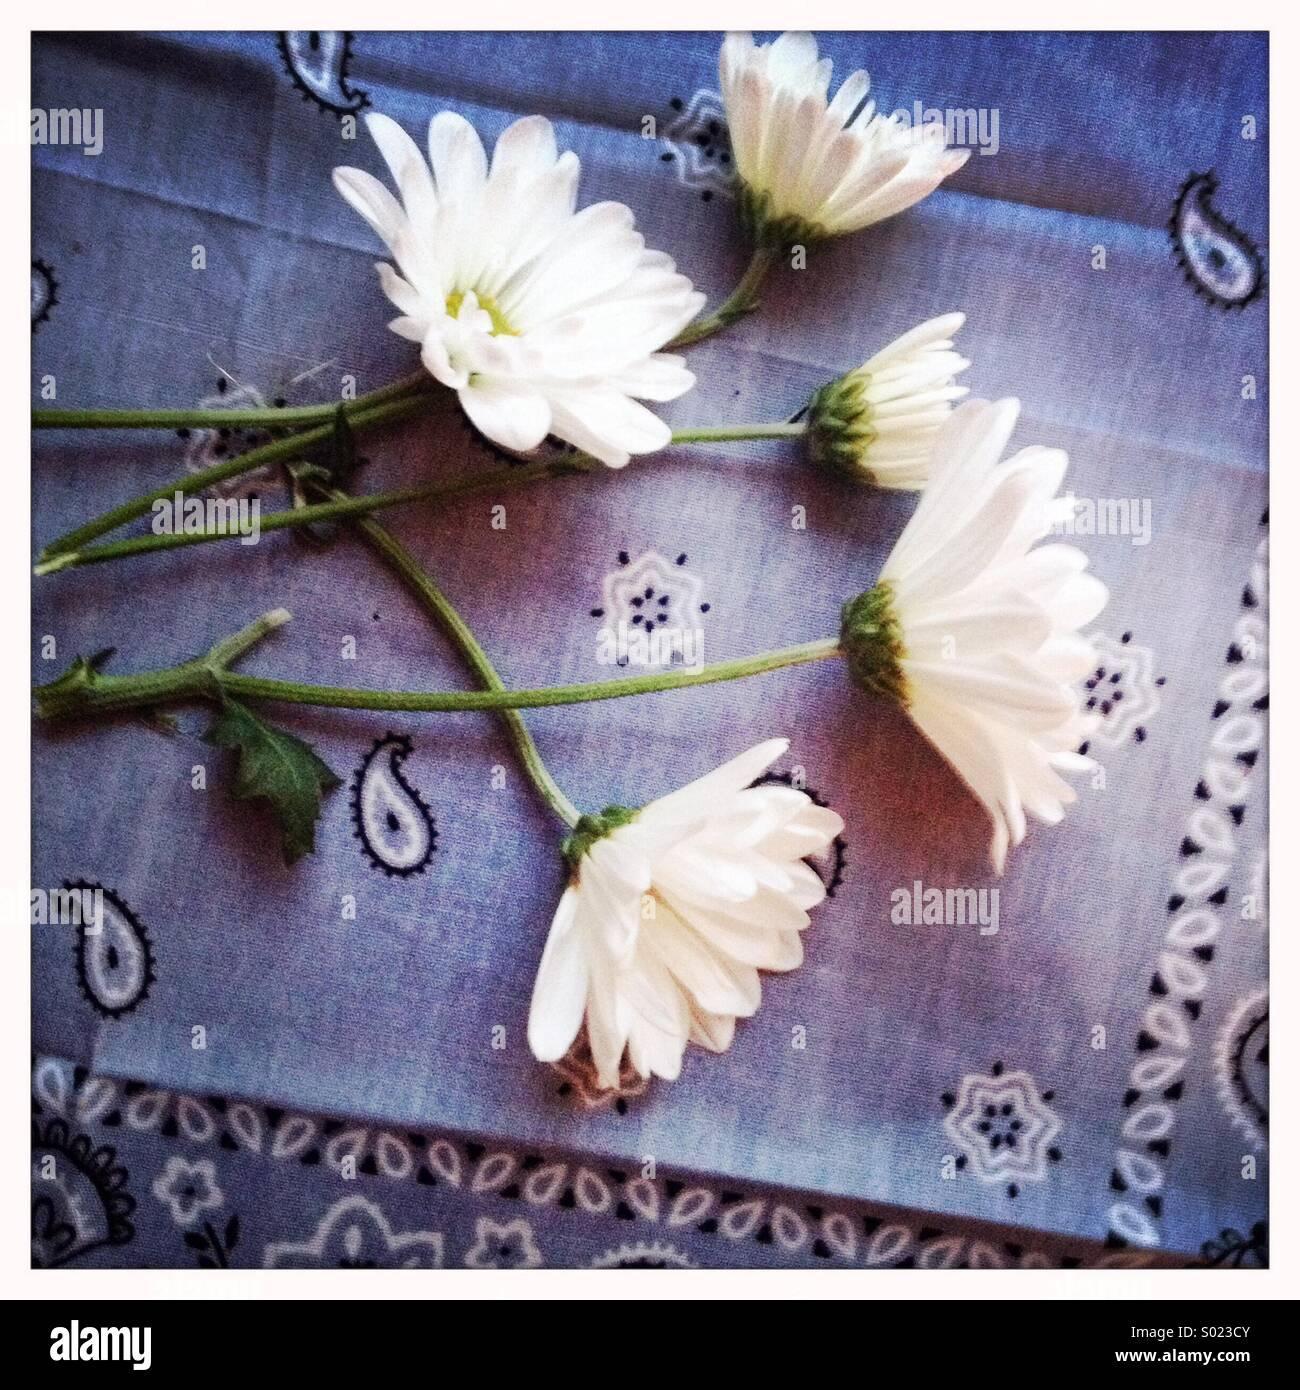 Flowers on Blue Bandana - Stock Image